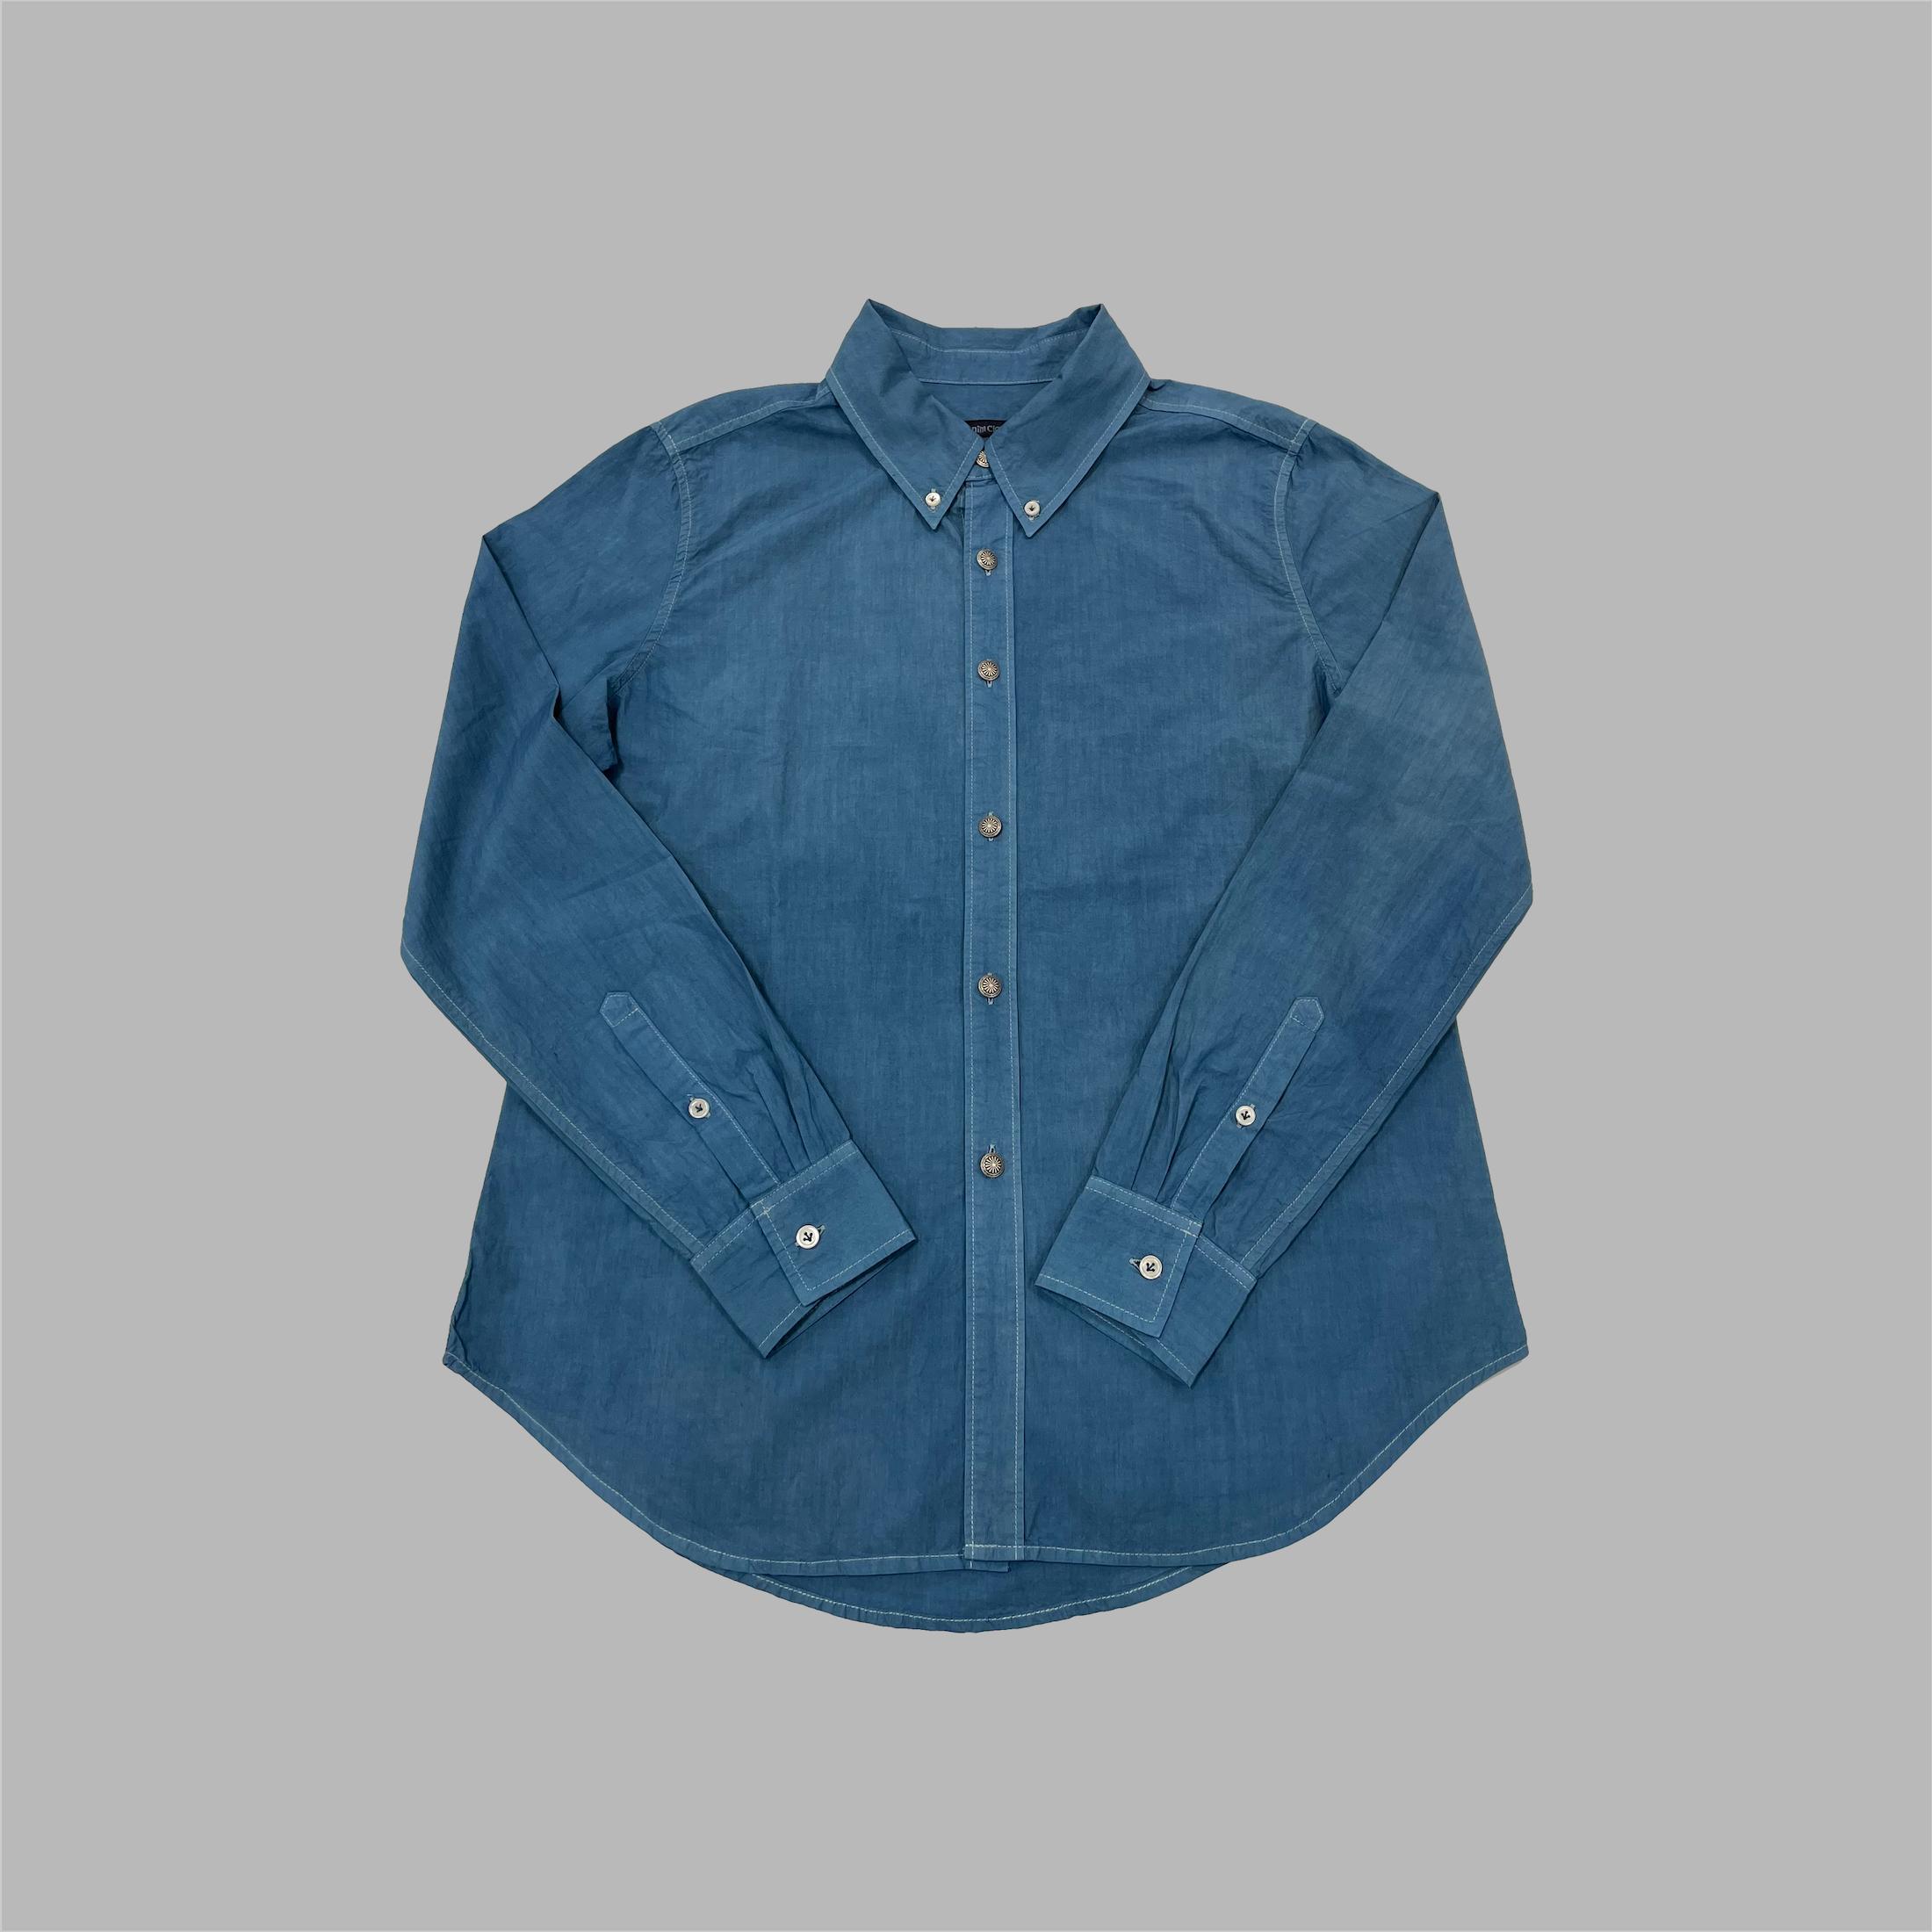 ボタンダウンシャツ(AIZOME)